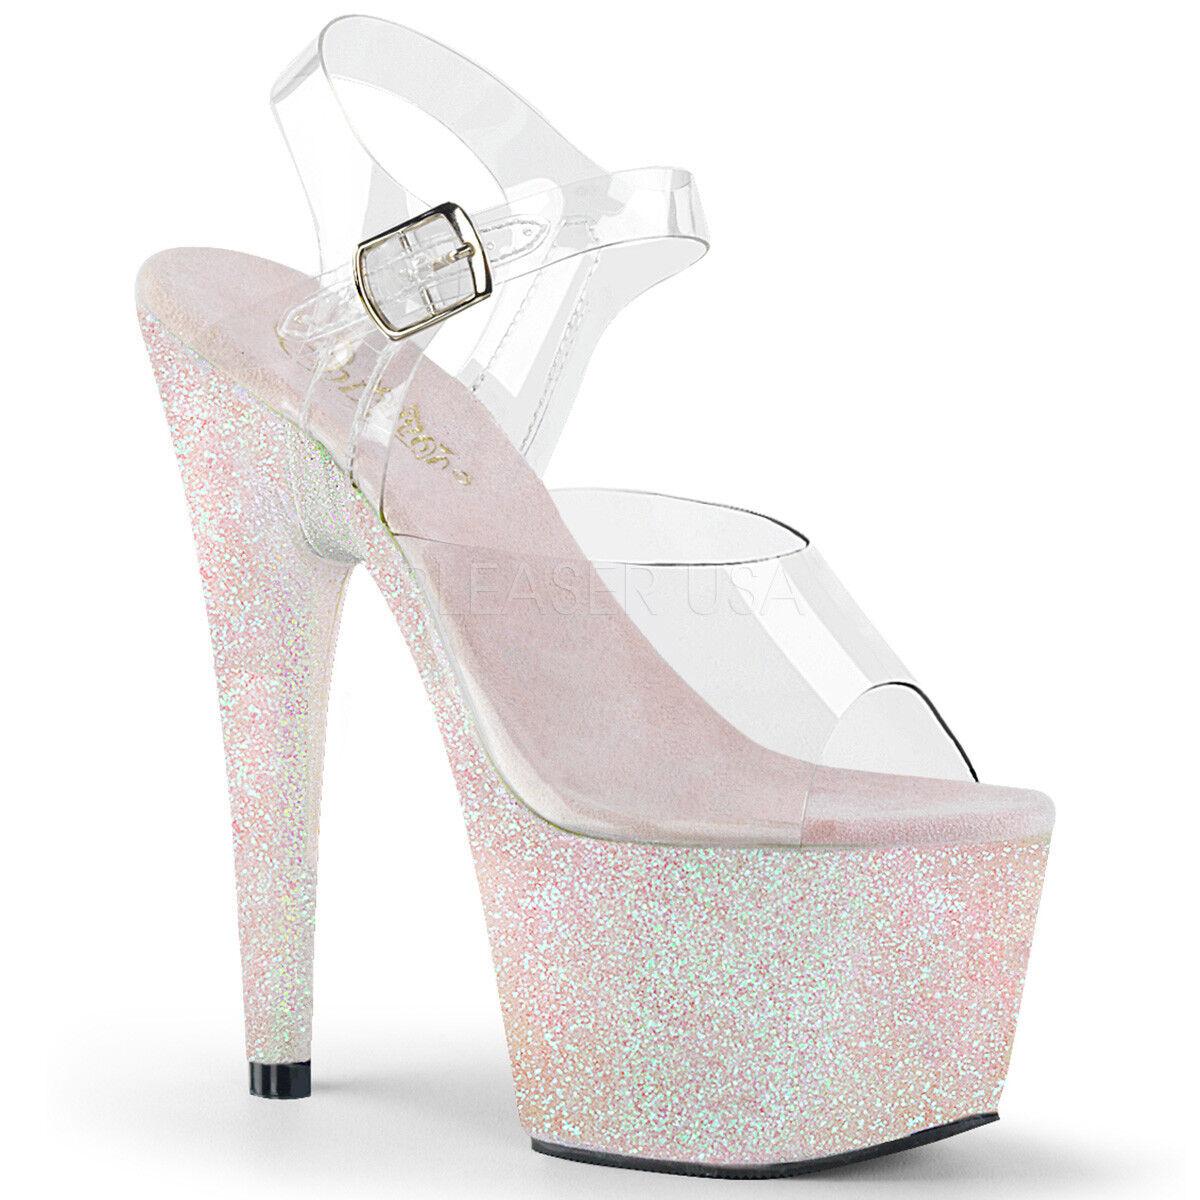 più economico Pleaser ADORE-708HMG Donna    Clear Opal Multi Glitter Heel Platform Strap Sandal  acquisto limitato